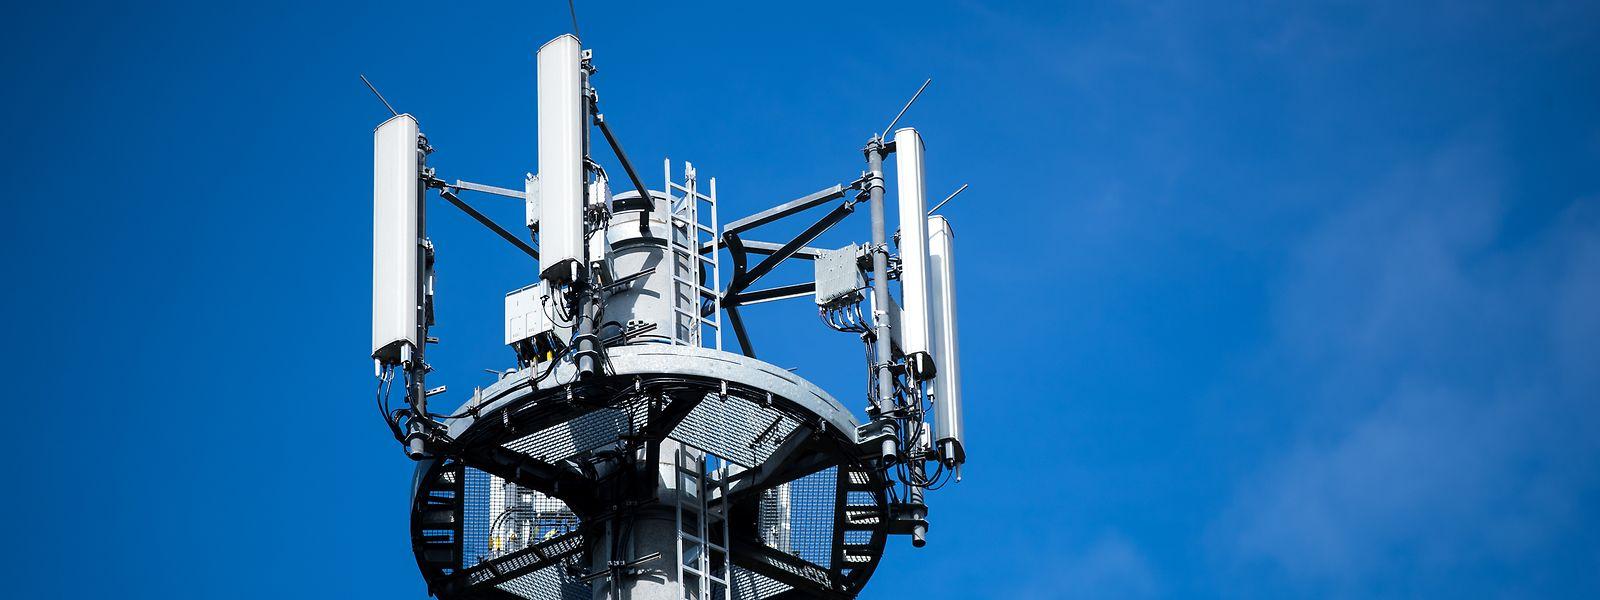 Ein Mast mit verschiedenen Antennen von Mobilfunkanbietern.